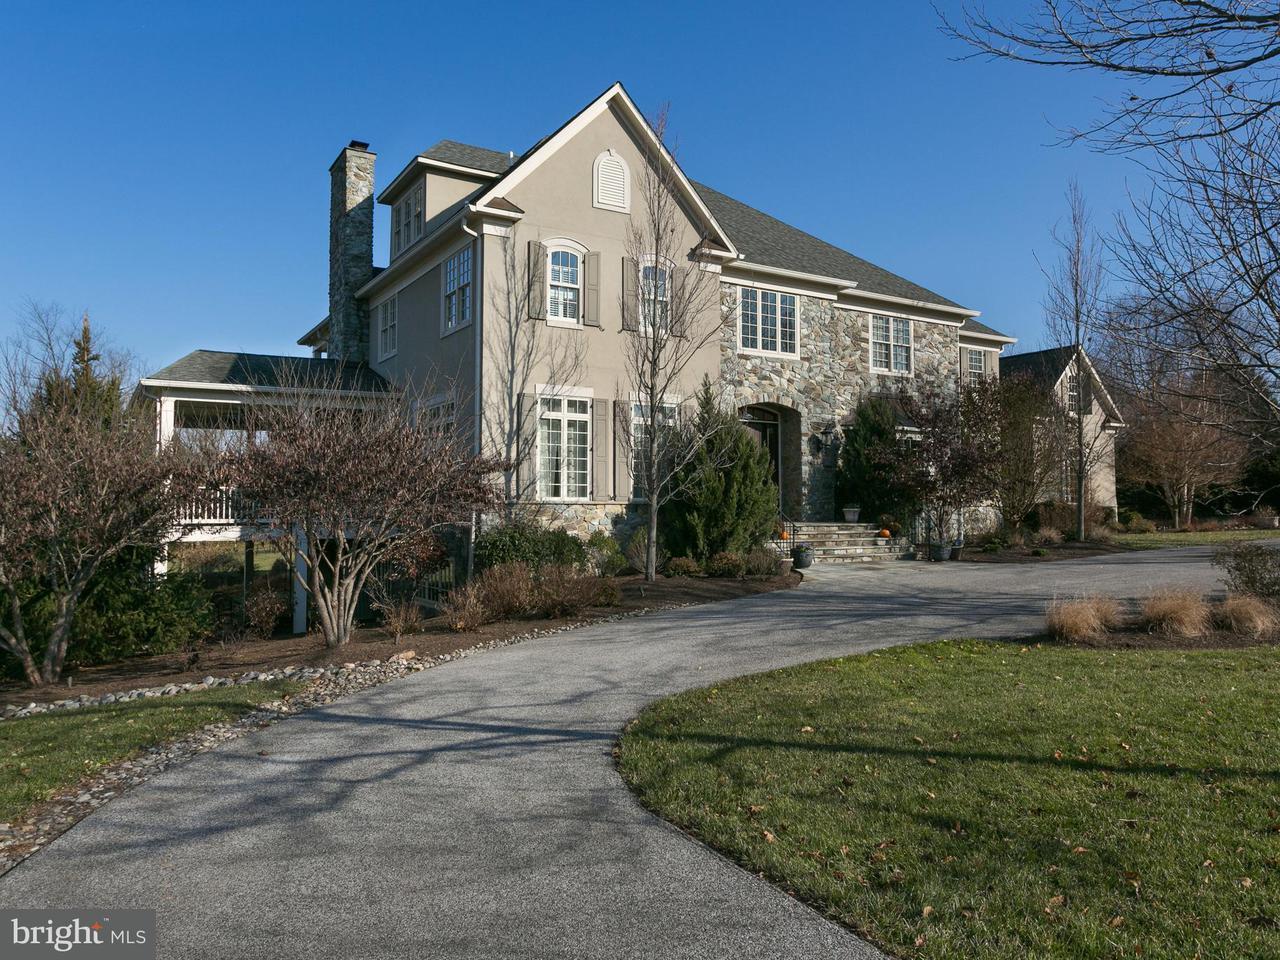 Einfamilienhaus für Verkauf beim 15310 LEONDINA Drive 15310 LEONDINA Drive Glenwood, Maryland 21738 Vereinigte Staaten